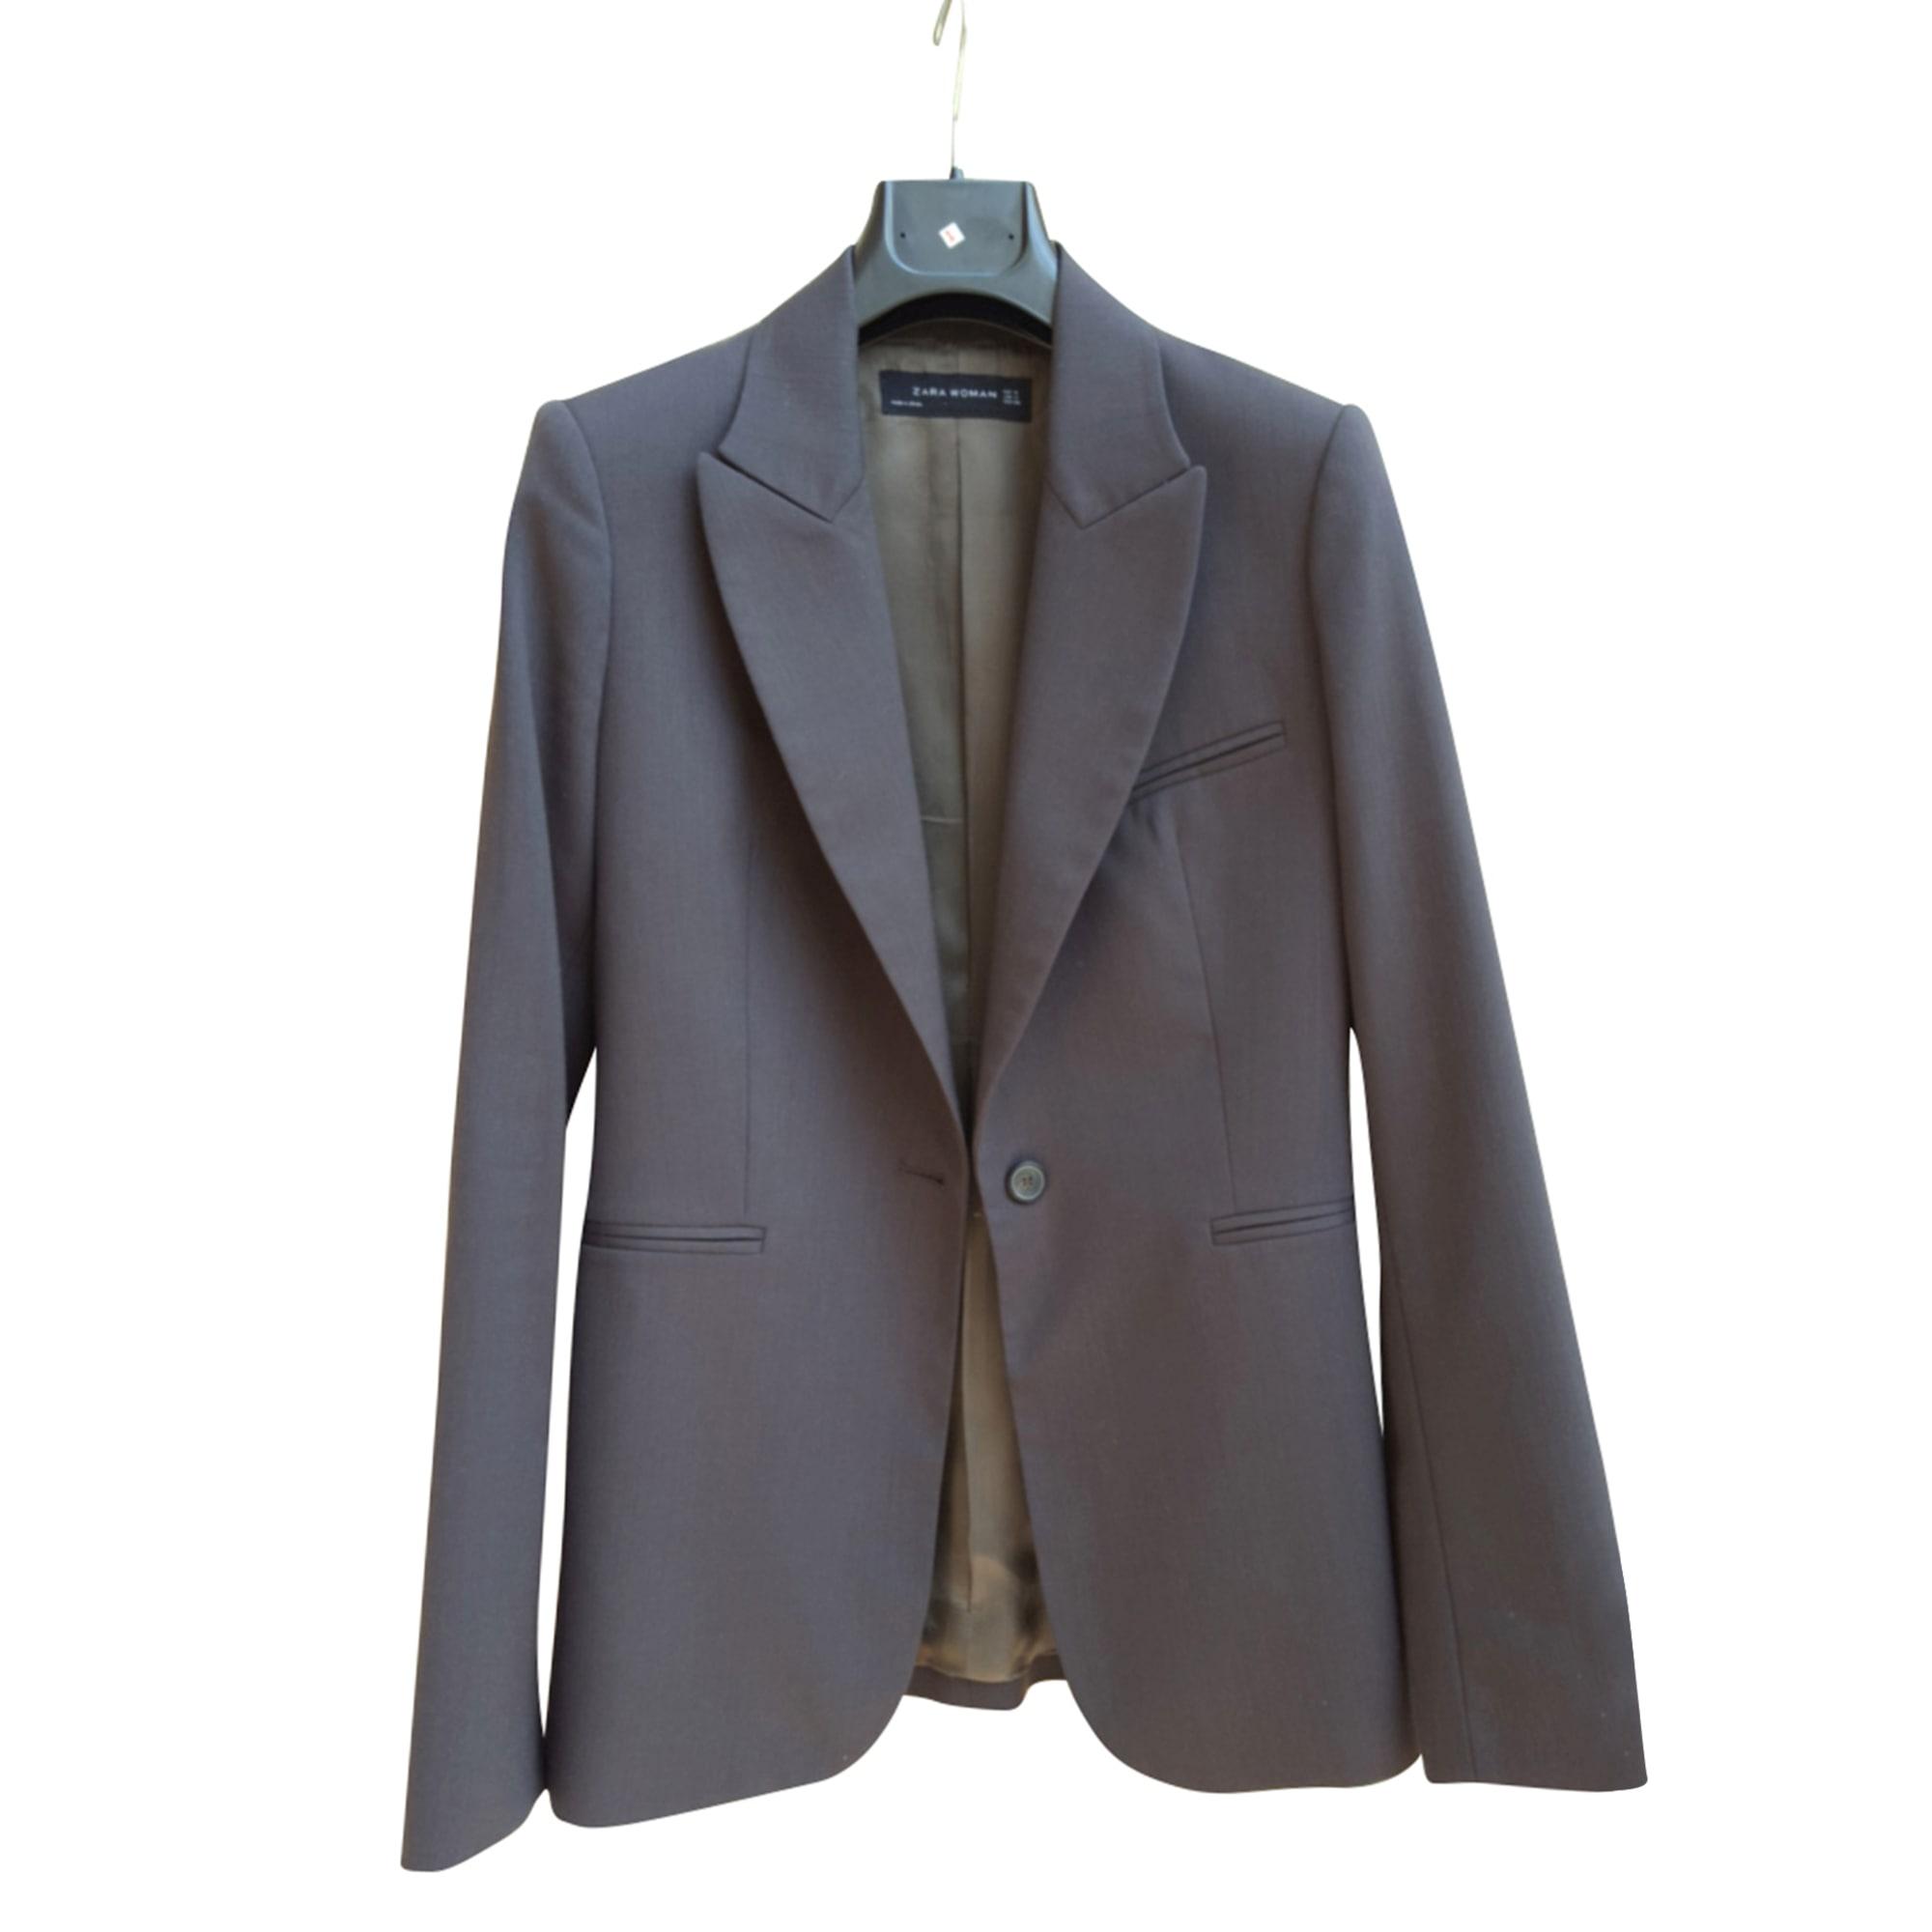 Blazer, veste tailleur ZARA 38 (M, T2) marron - 7472406 ad2f906f3162